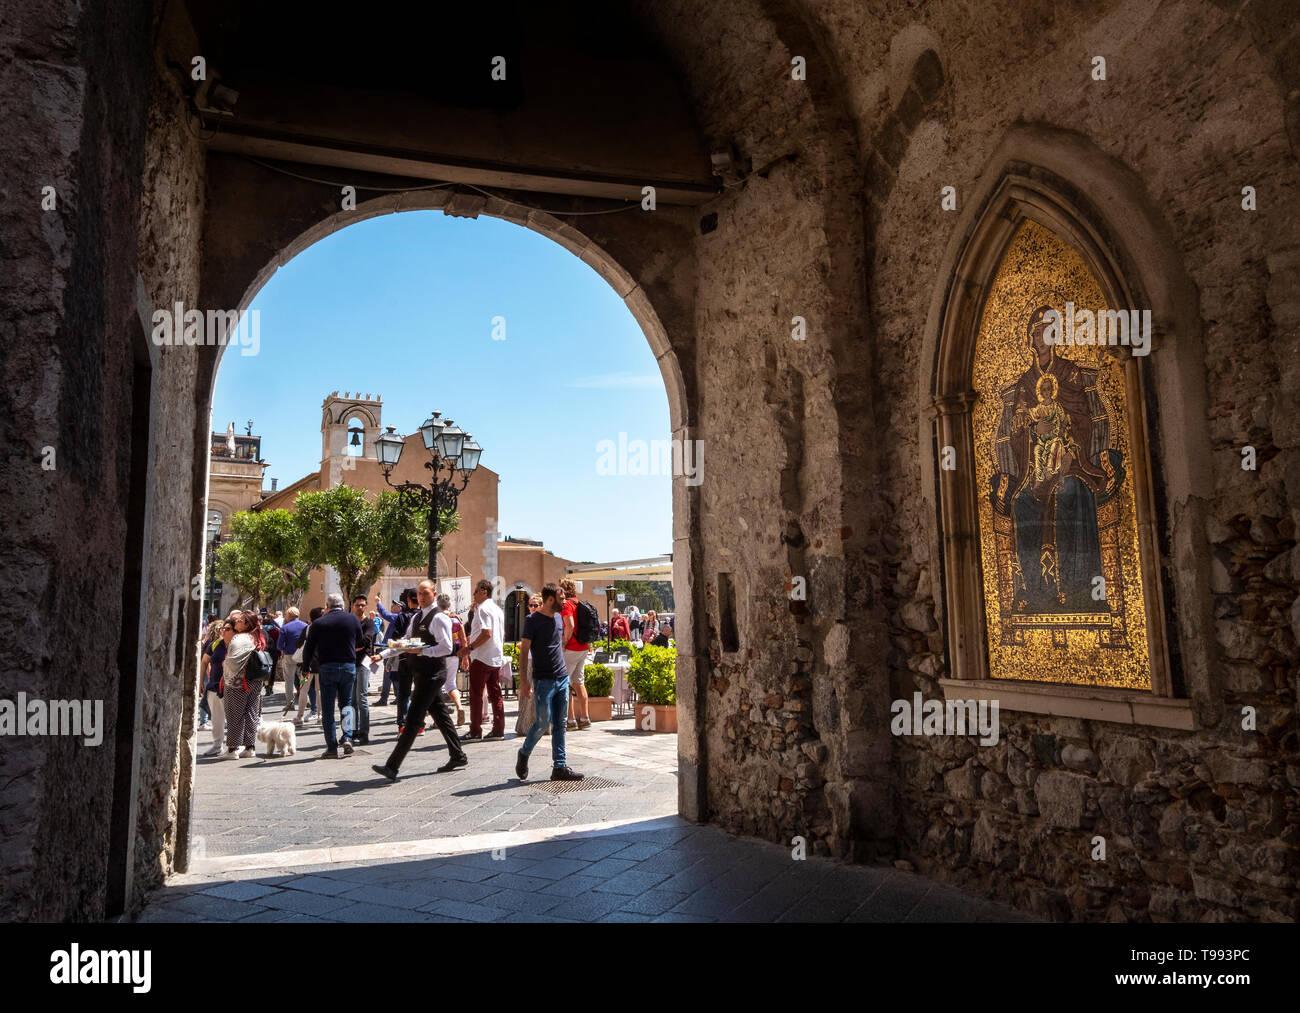 Mosaico religioso de Jesús y Maria en la pared de la Torre dell'Orologio, Taormina, Sicilia. Imagen De Stock